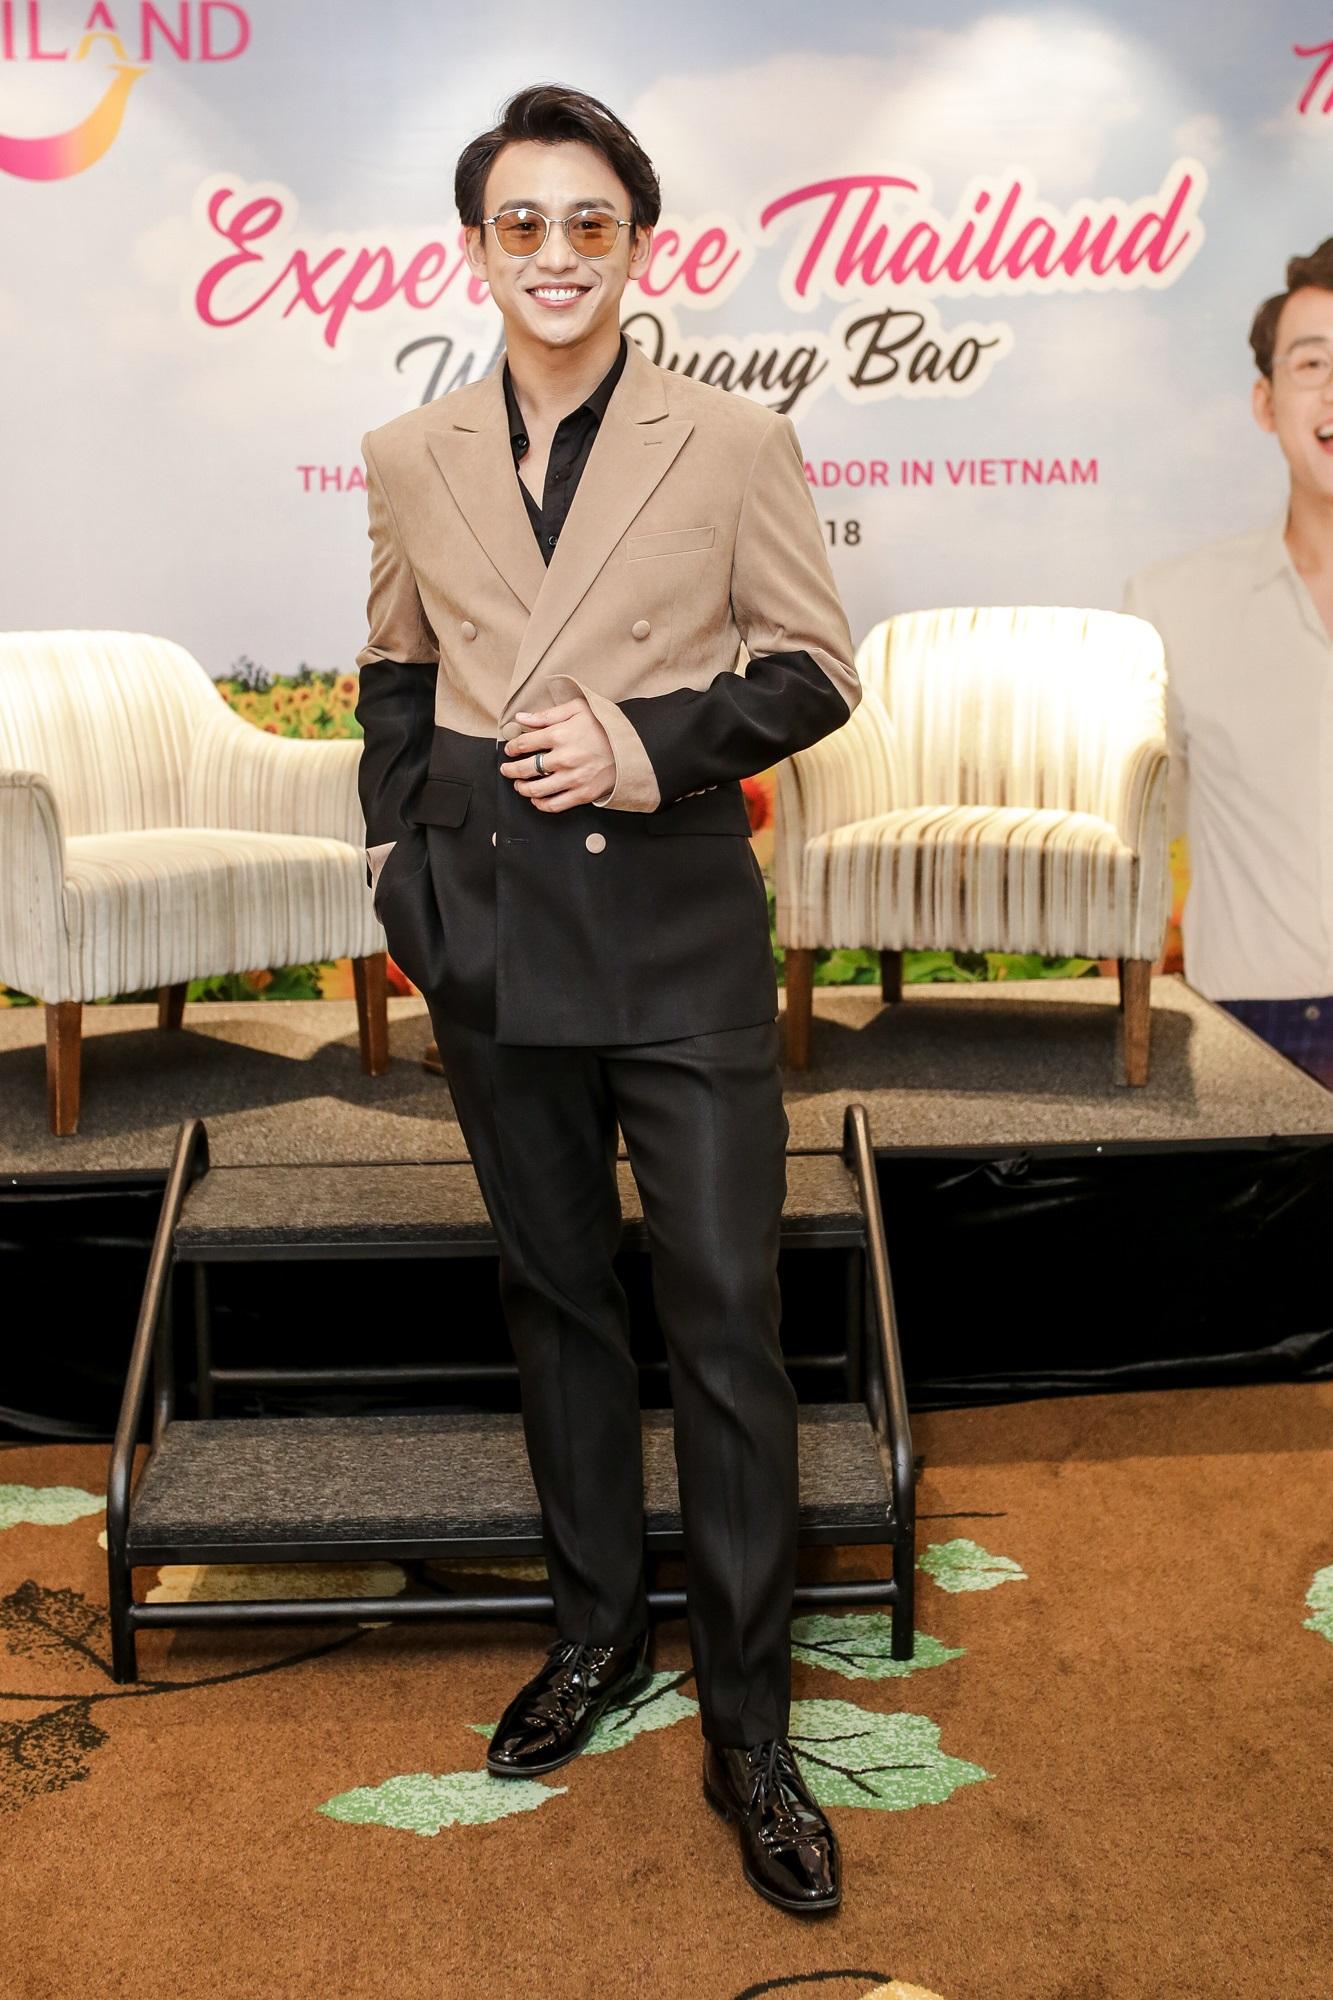 MC Quang Bảo tự hào là người kết nối giữa hai nền văn hóa Việt Nam và Thái Lan - Ảnh 1